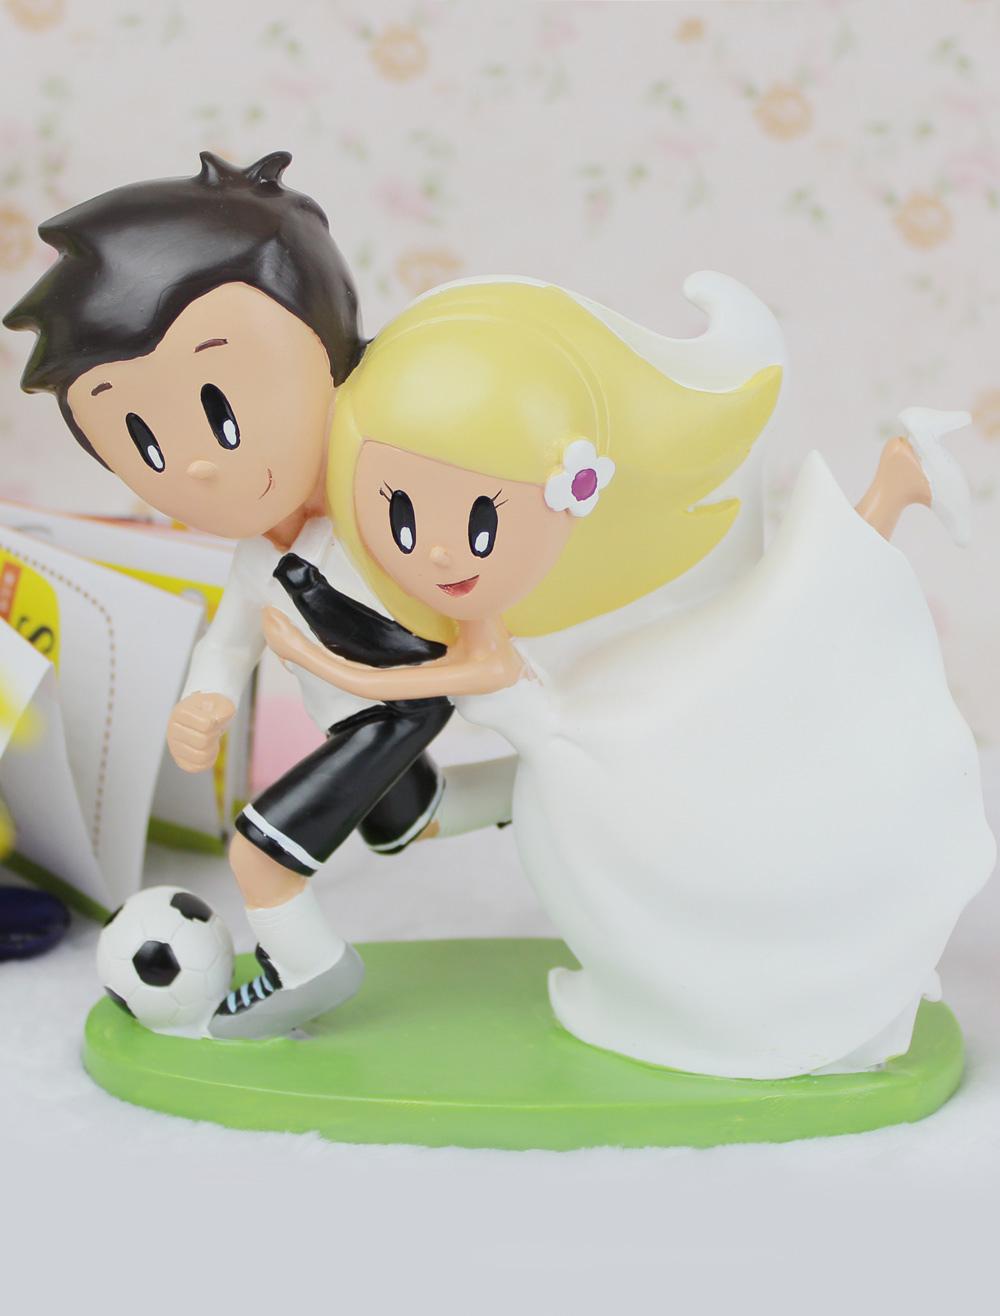 Soccer Theme Wedding Cake Topper